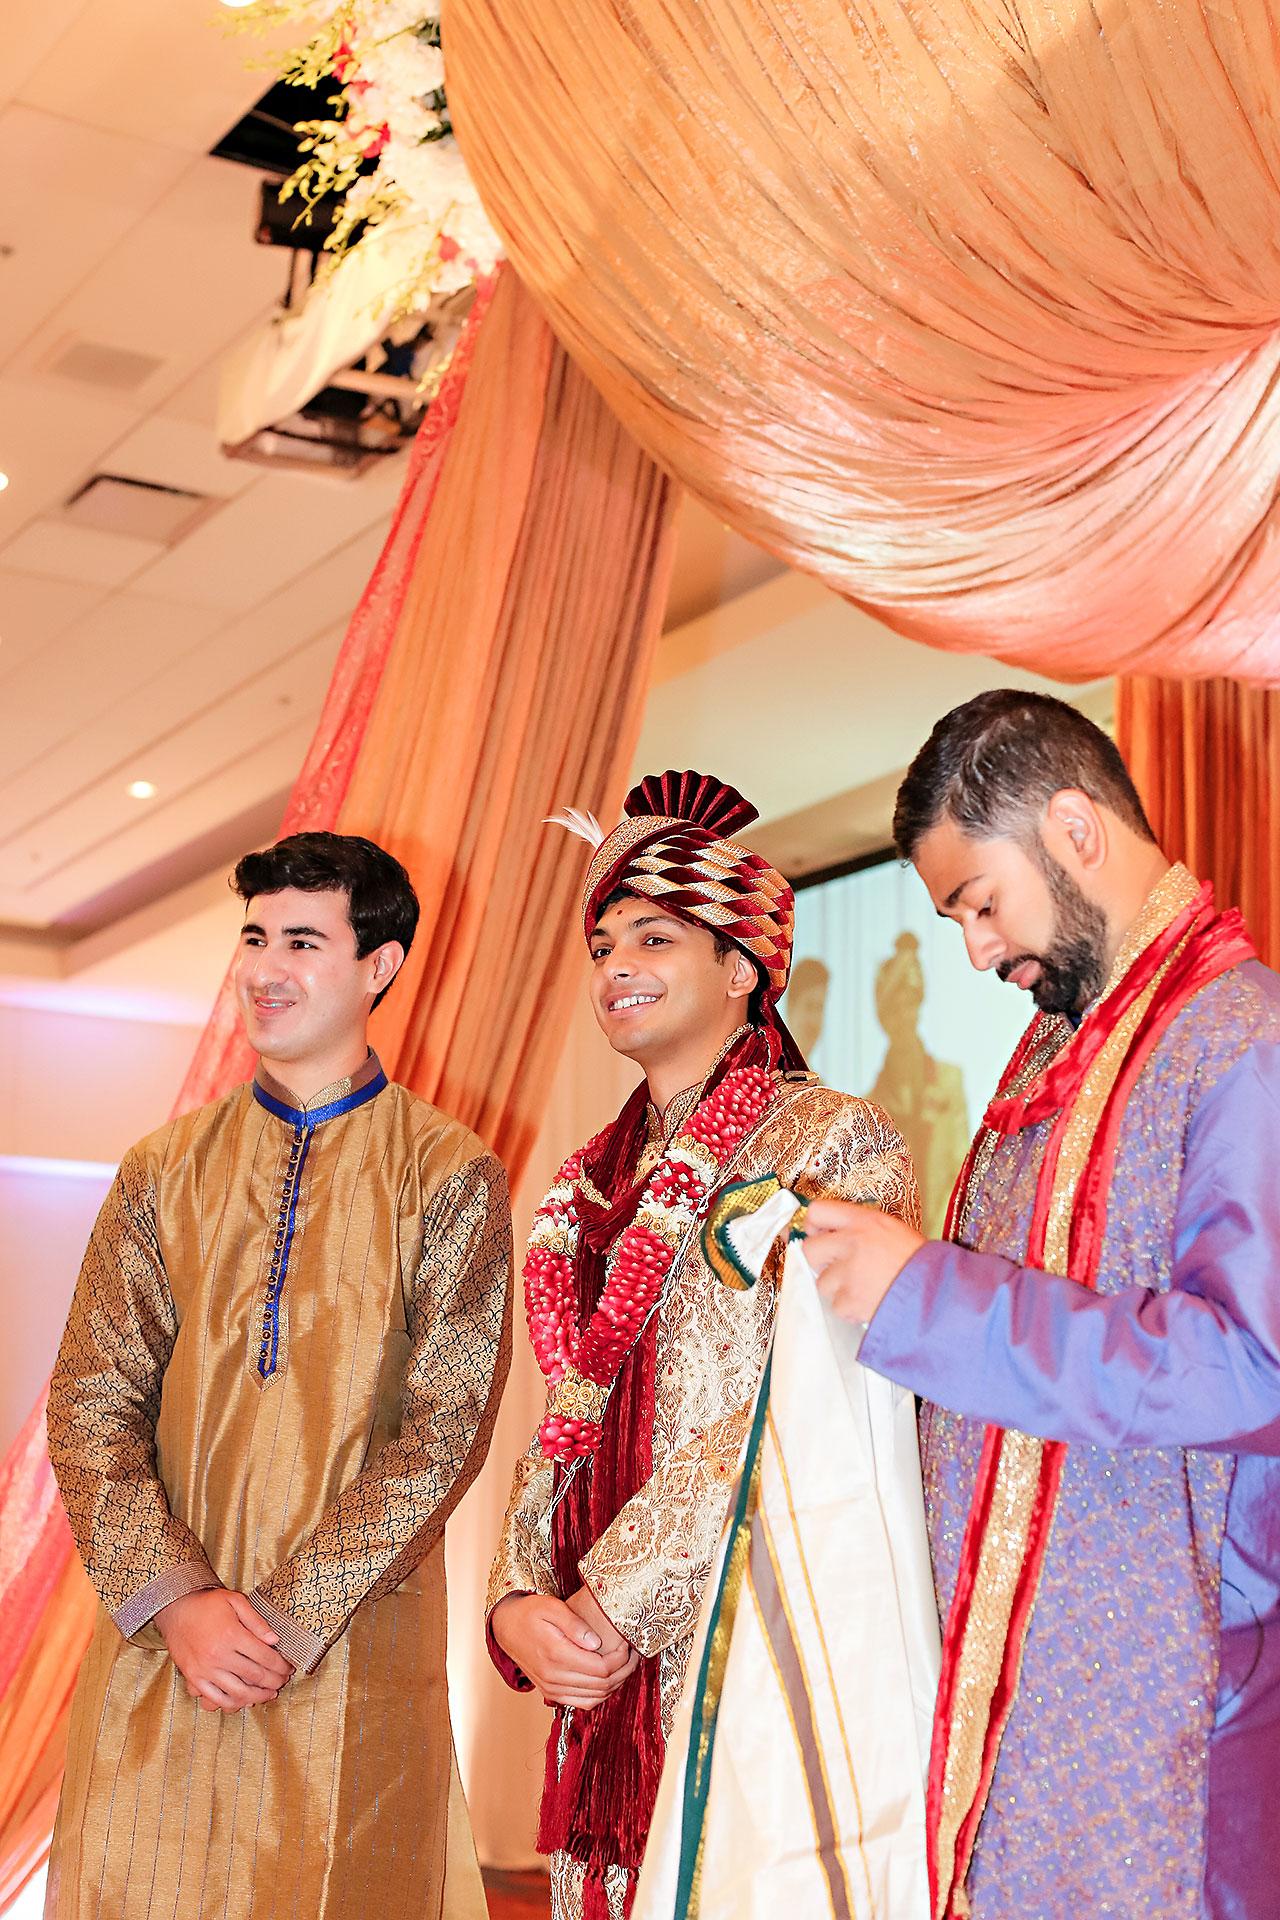 Joie Nikhil JW Marriott Indian Wedding 242